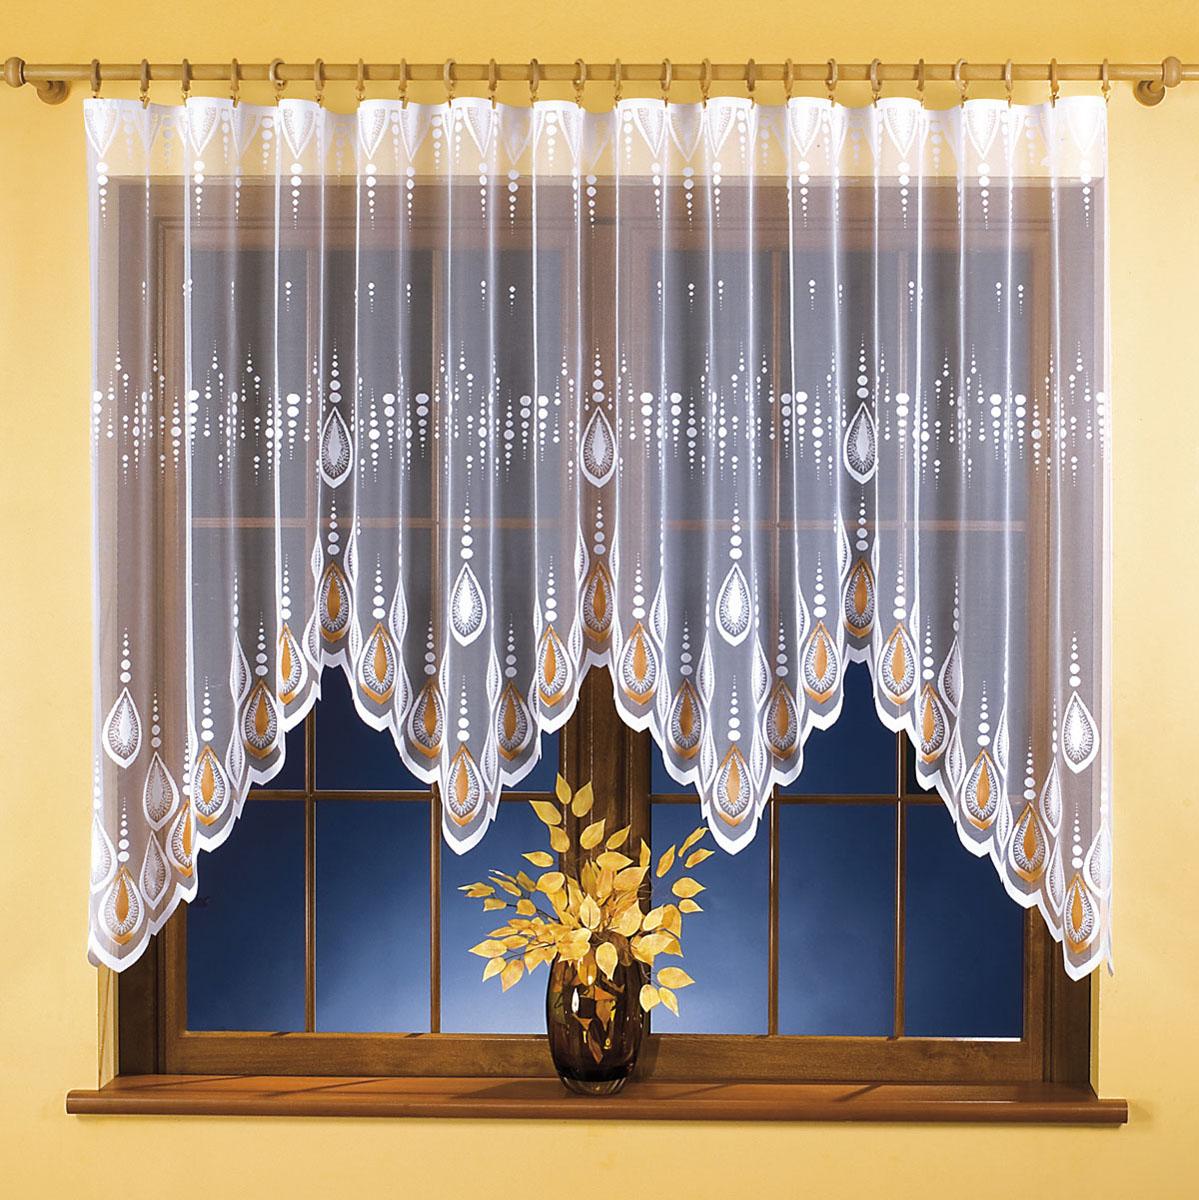 Штора для кухни Wisan, на ленте, цвет: белый, оранжевый, высота 120 см. 95189518Штора Wisan, выполненная из легкого полупрозрачного полиэстера белого цвета, станет великолепным украшением кухонного окна. Изделие имеет ассиметричную длину и красивый орнамент по краю. Качественный материал и оригинальный дизайн привлекут к себе внимание и позволят шторе органично вписаться в интерьер помещения. Штора оснащена шторной лентой под зажимы для крепления на карниз.